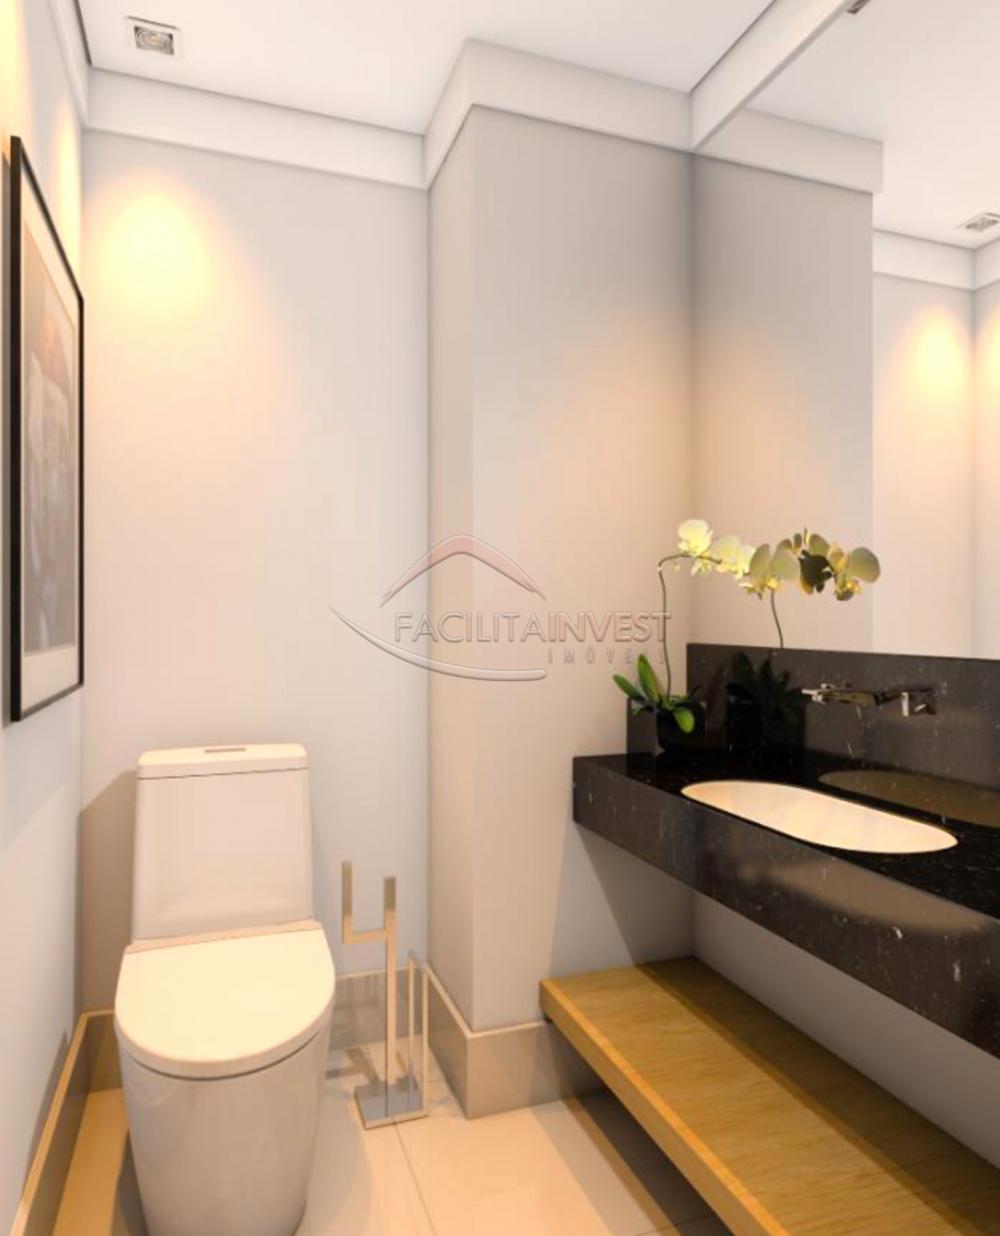 Comprar Lançamentos/ Empreendimentos em Construç / Apartamento padrão - Lançamento em Ribeirão Preto apenas R$ 547.816,00 - Foto 5